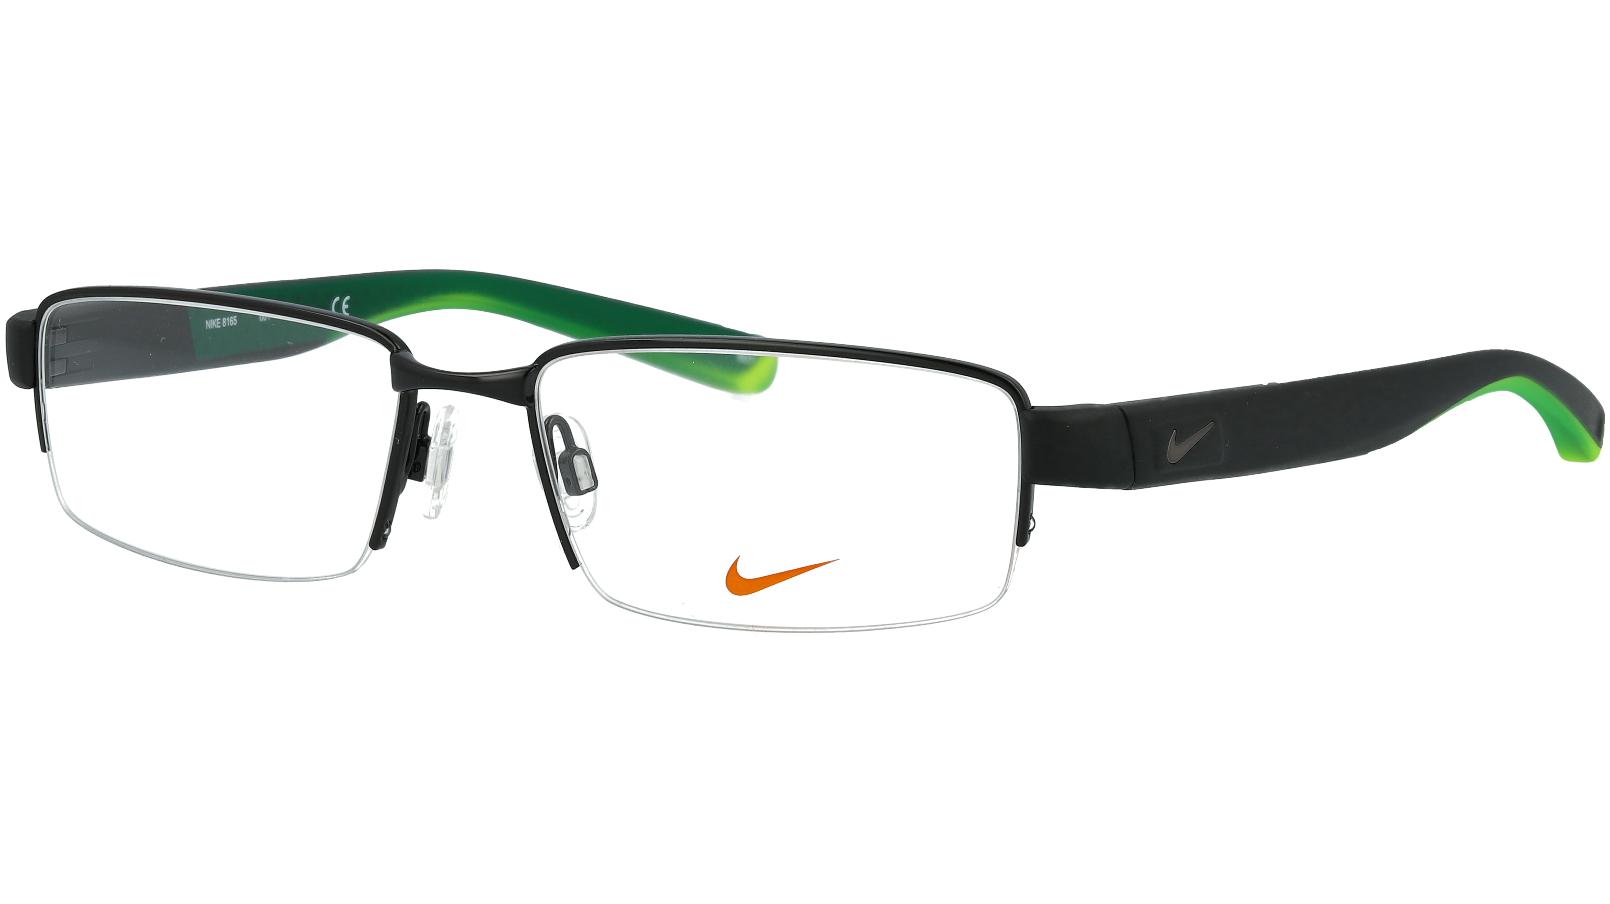 NIKE NIKE8165 001 53 BLACK Glasses